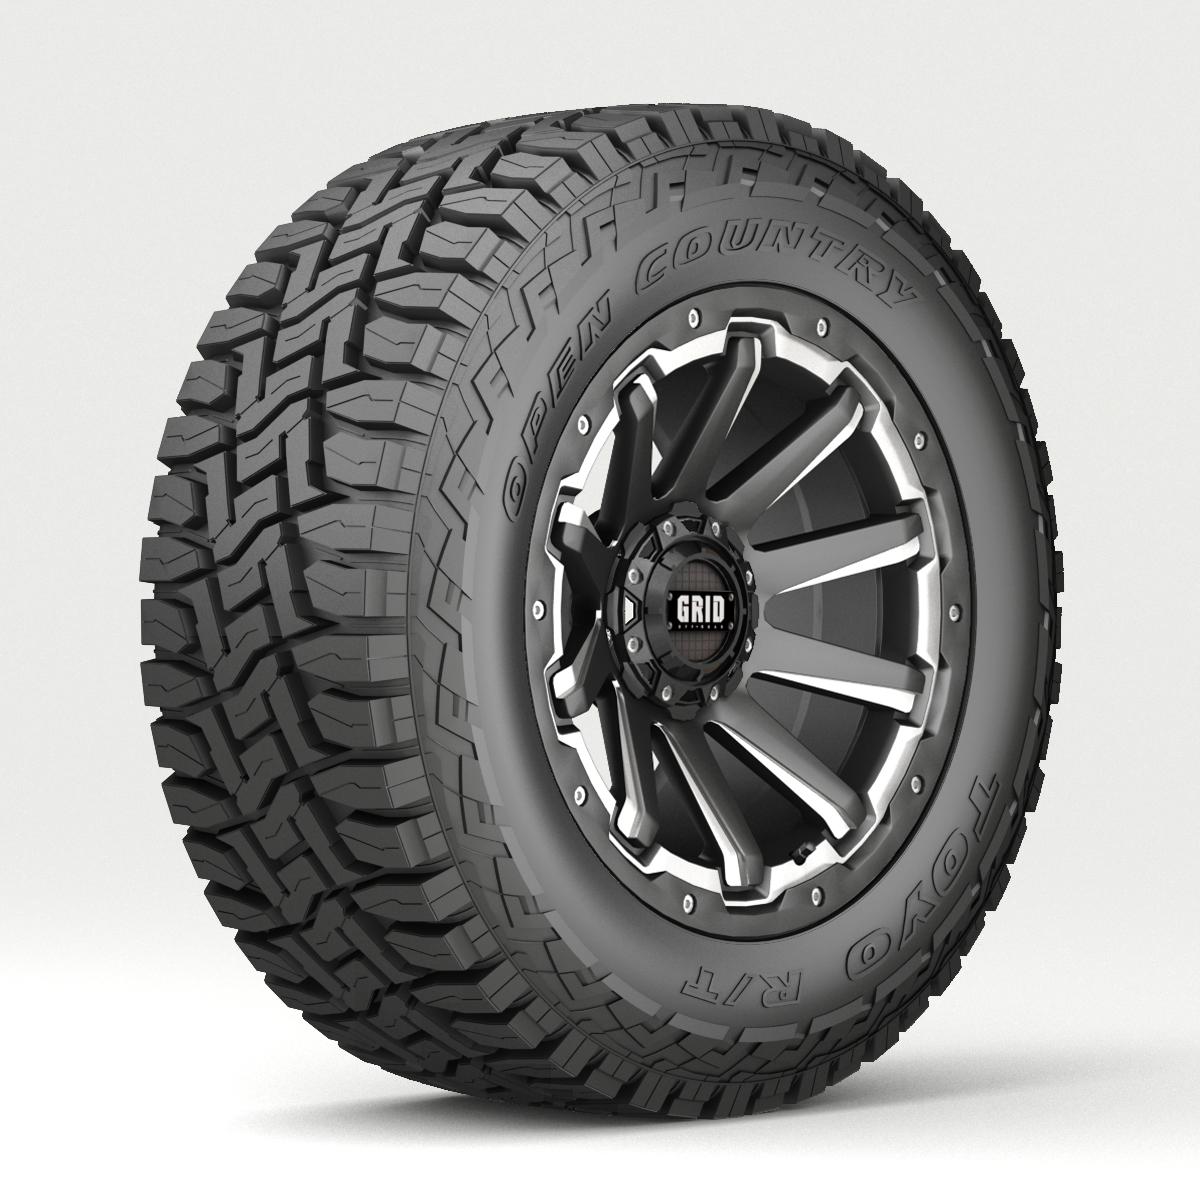 Off Road wheel and tire 4 3d model 3ds max fbx tga targa icb vda vst pix obj 224457